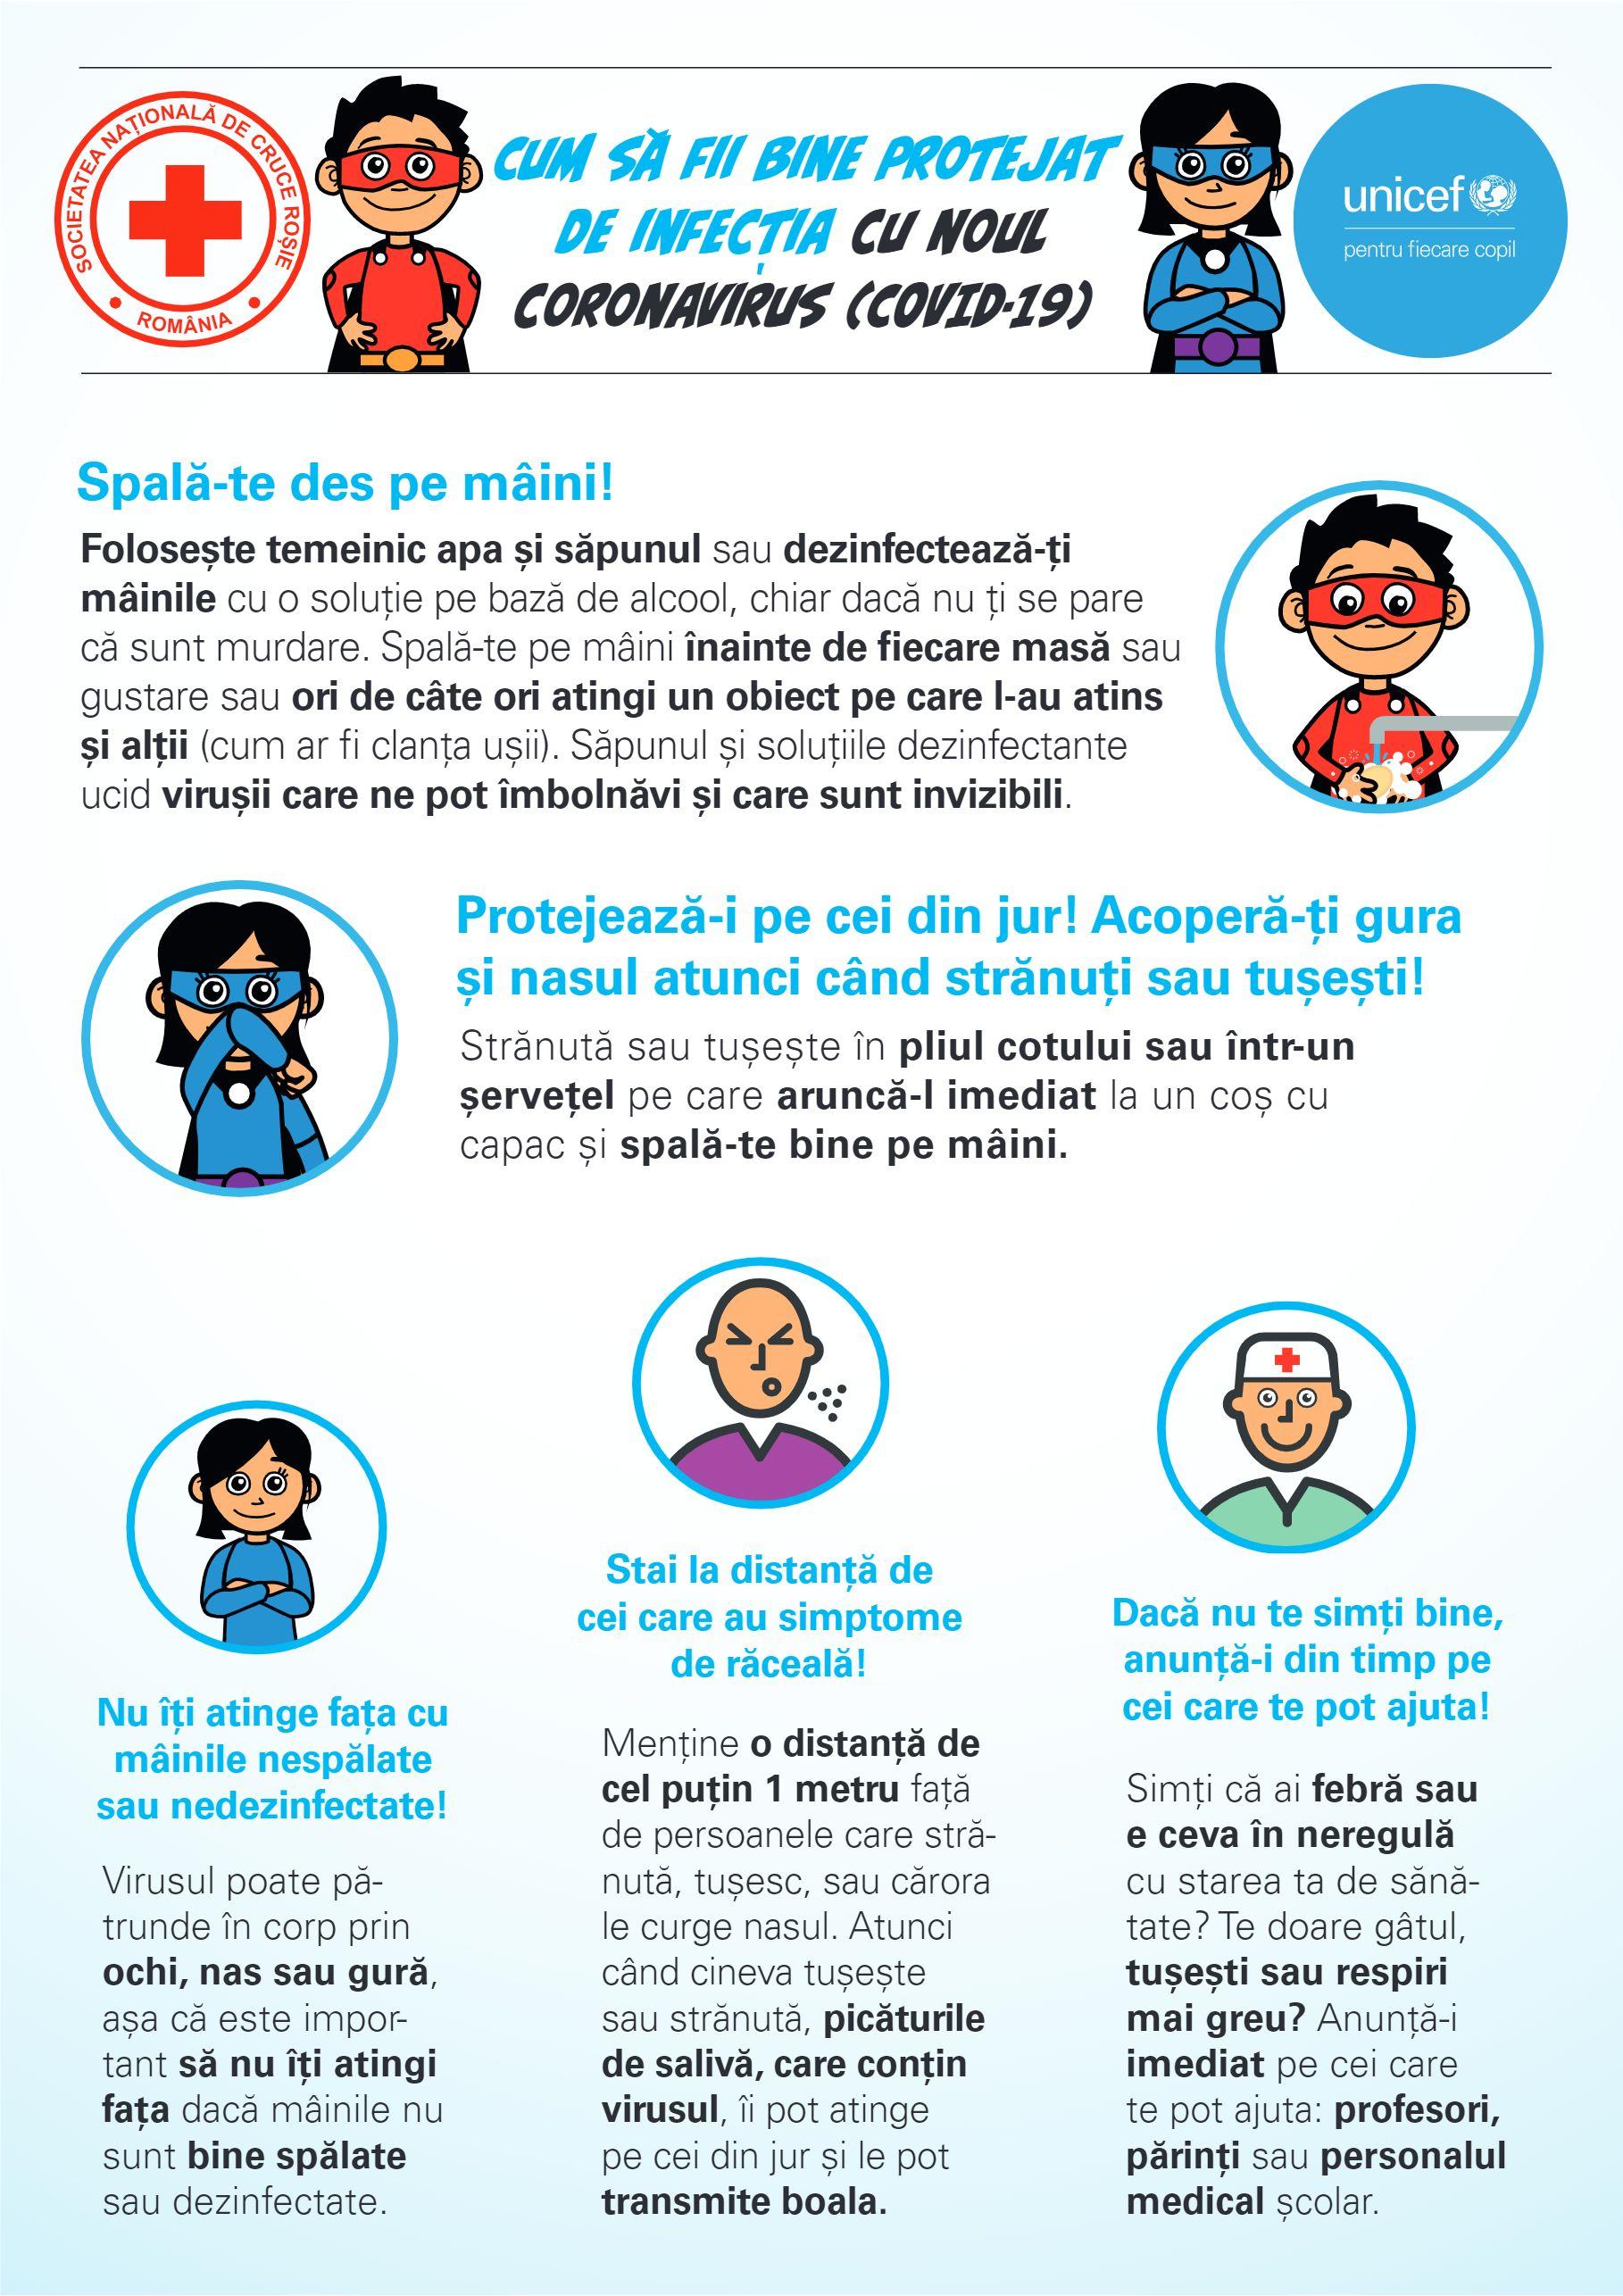 UNICEF: Copiii sunt expuși unui risc crescut de abuz, neglijare, exploatare și violență pe fondul intensificării măsurilor de izolare în contextul COVID-19